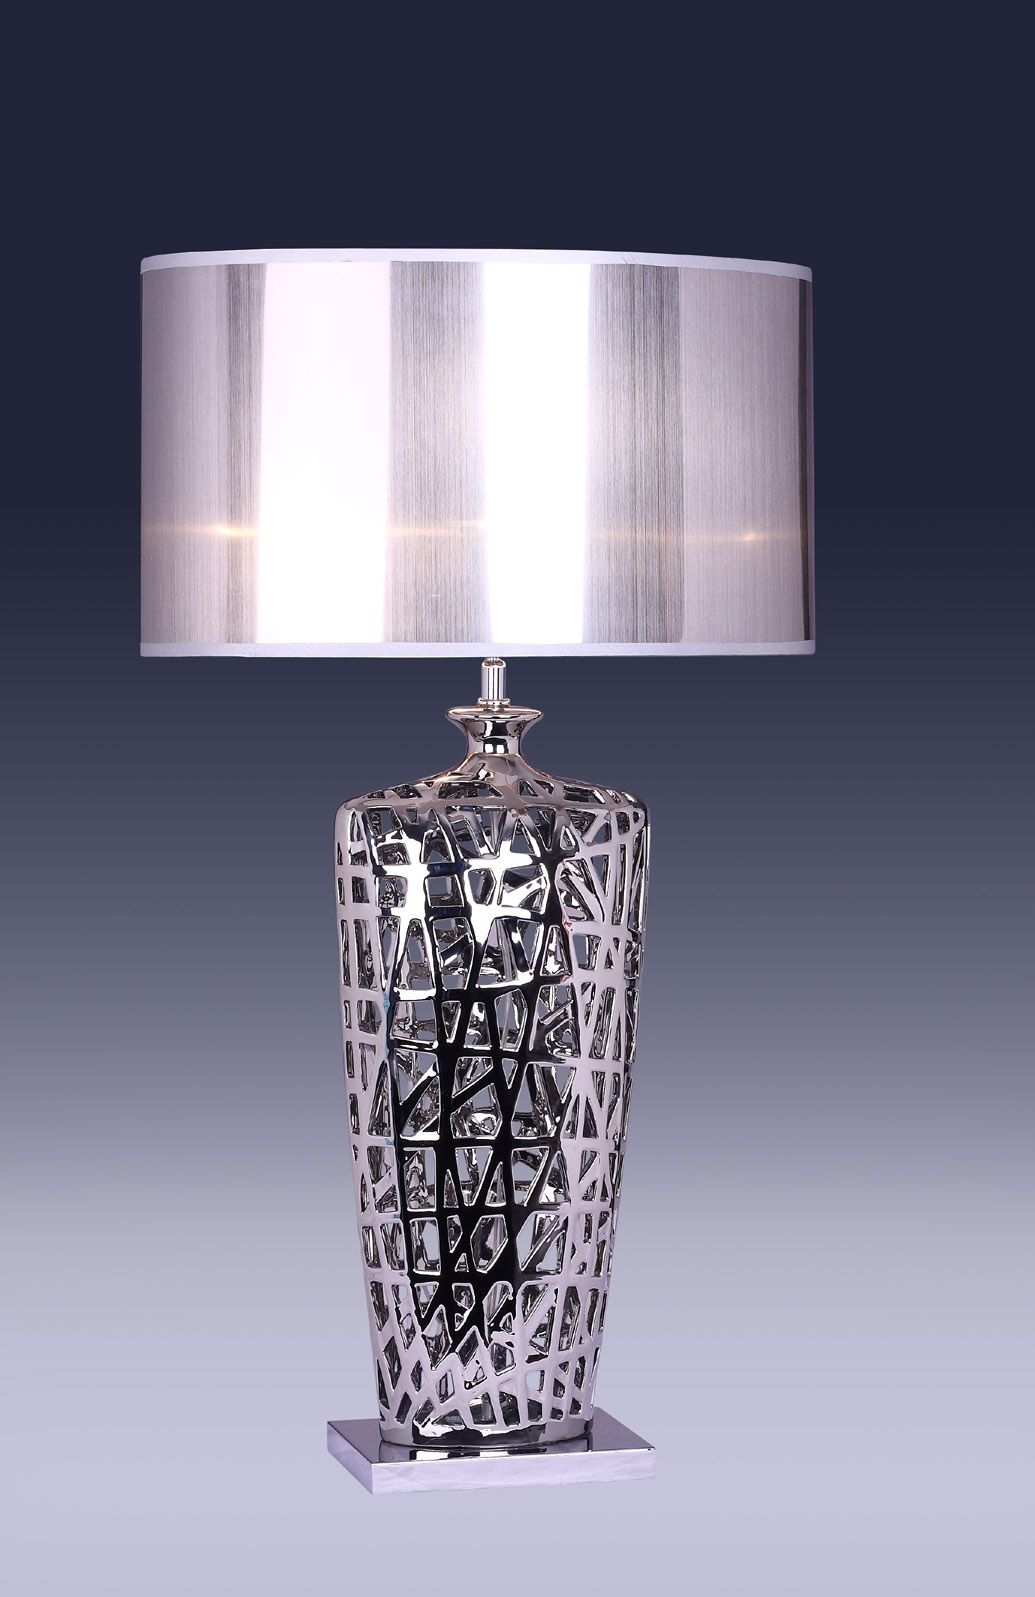 Lampe A Poser Tres Decorative Et Chic La Colonne Centrale Fait